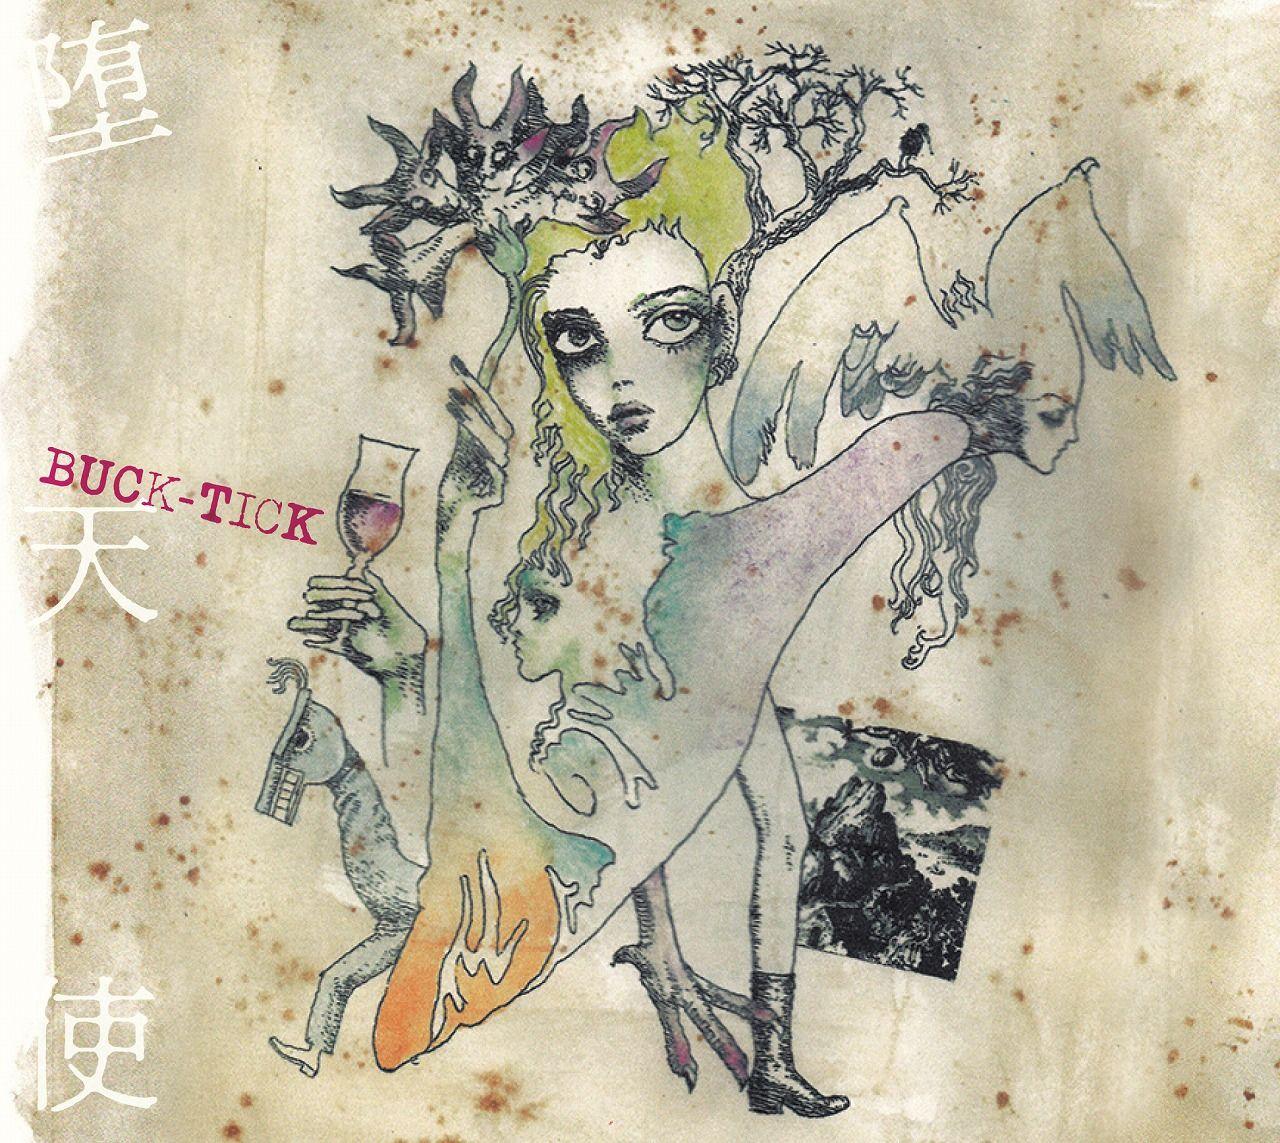 ロック・ポップス, その他  (B CDDVD) BUCK-TICK